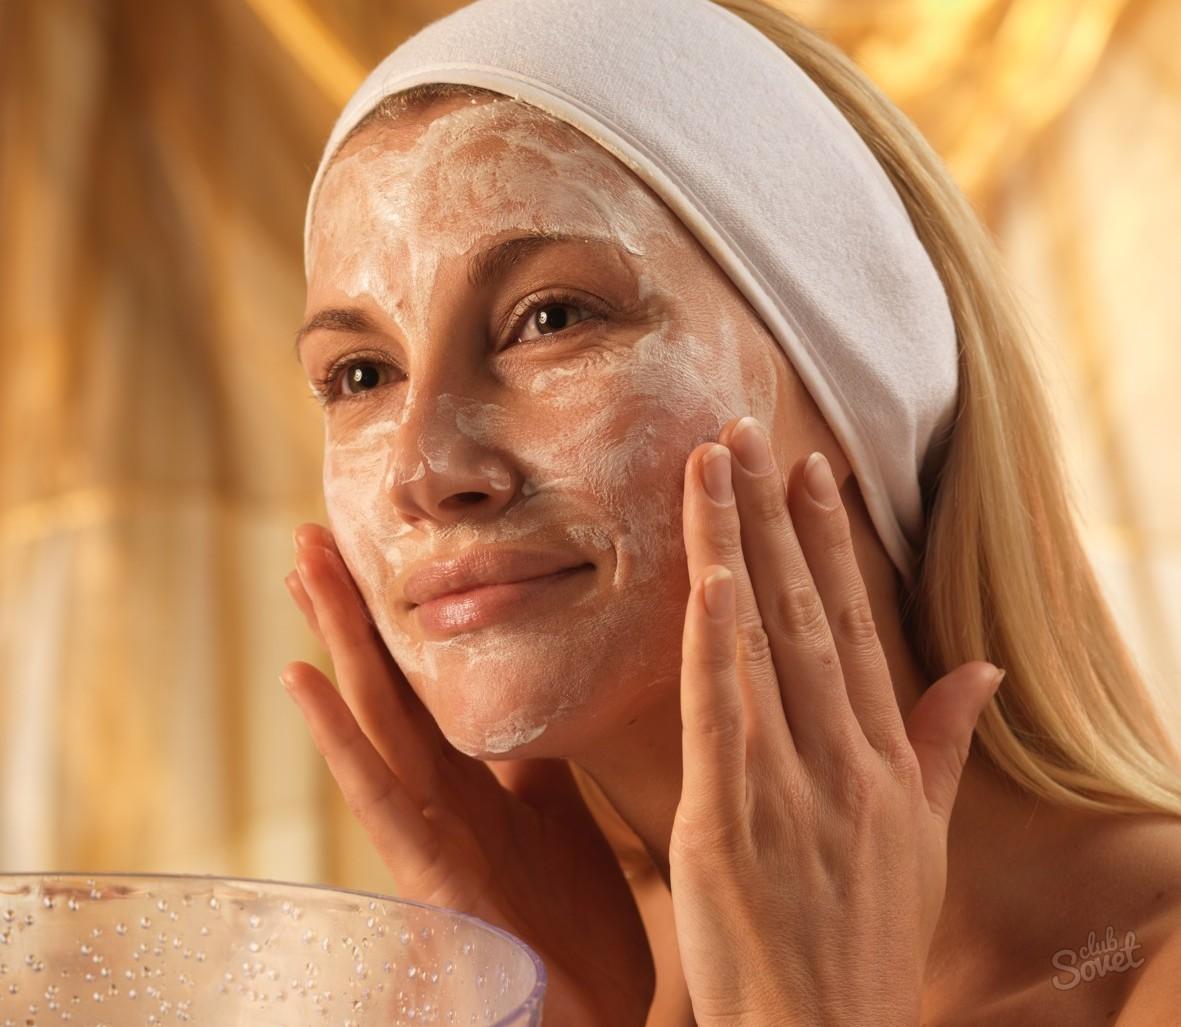 Омолаживающие маски для лица и шеи в домашних условиях 30